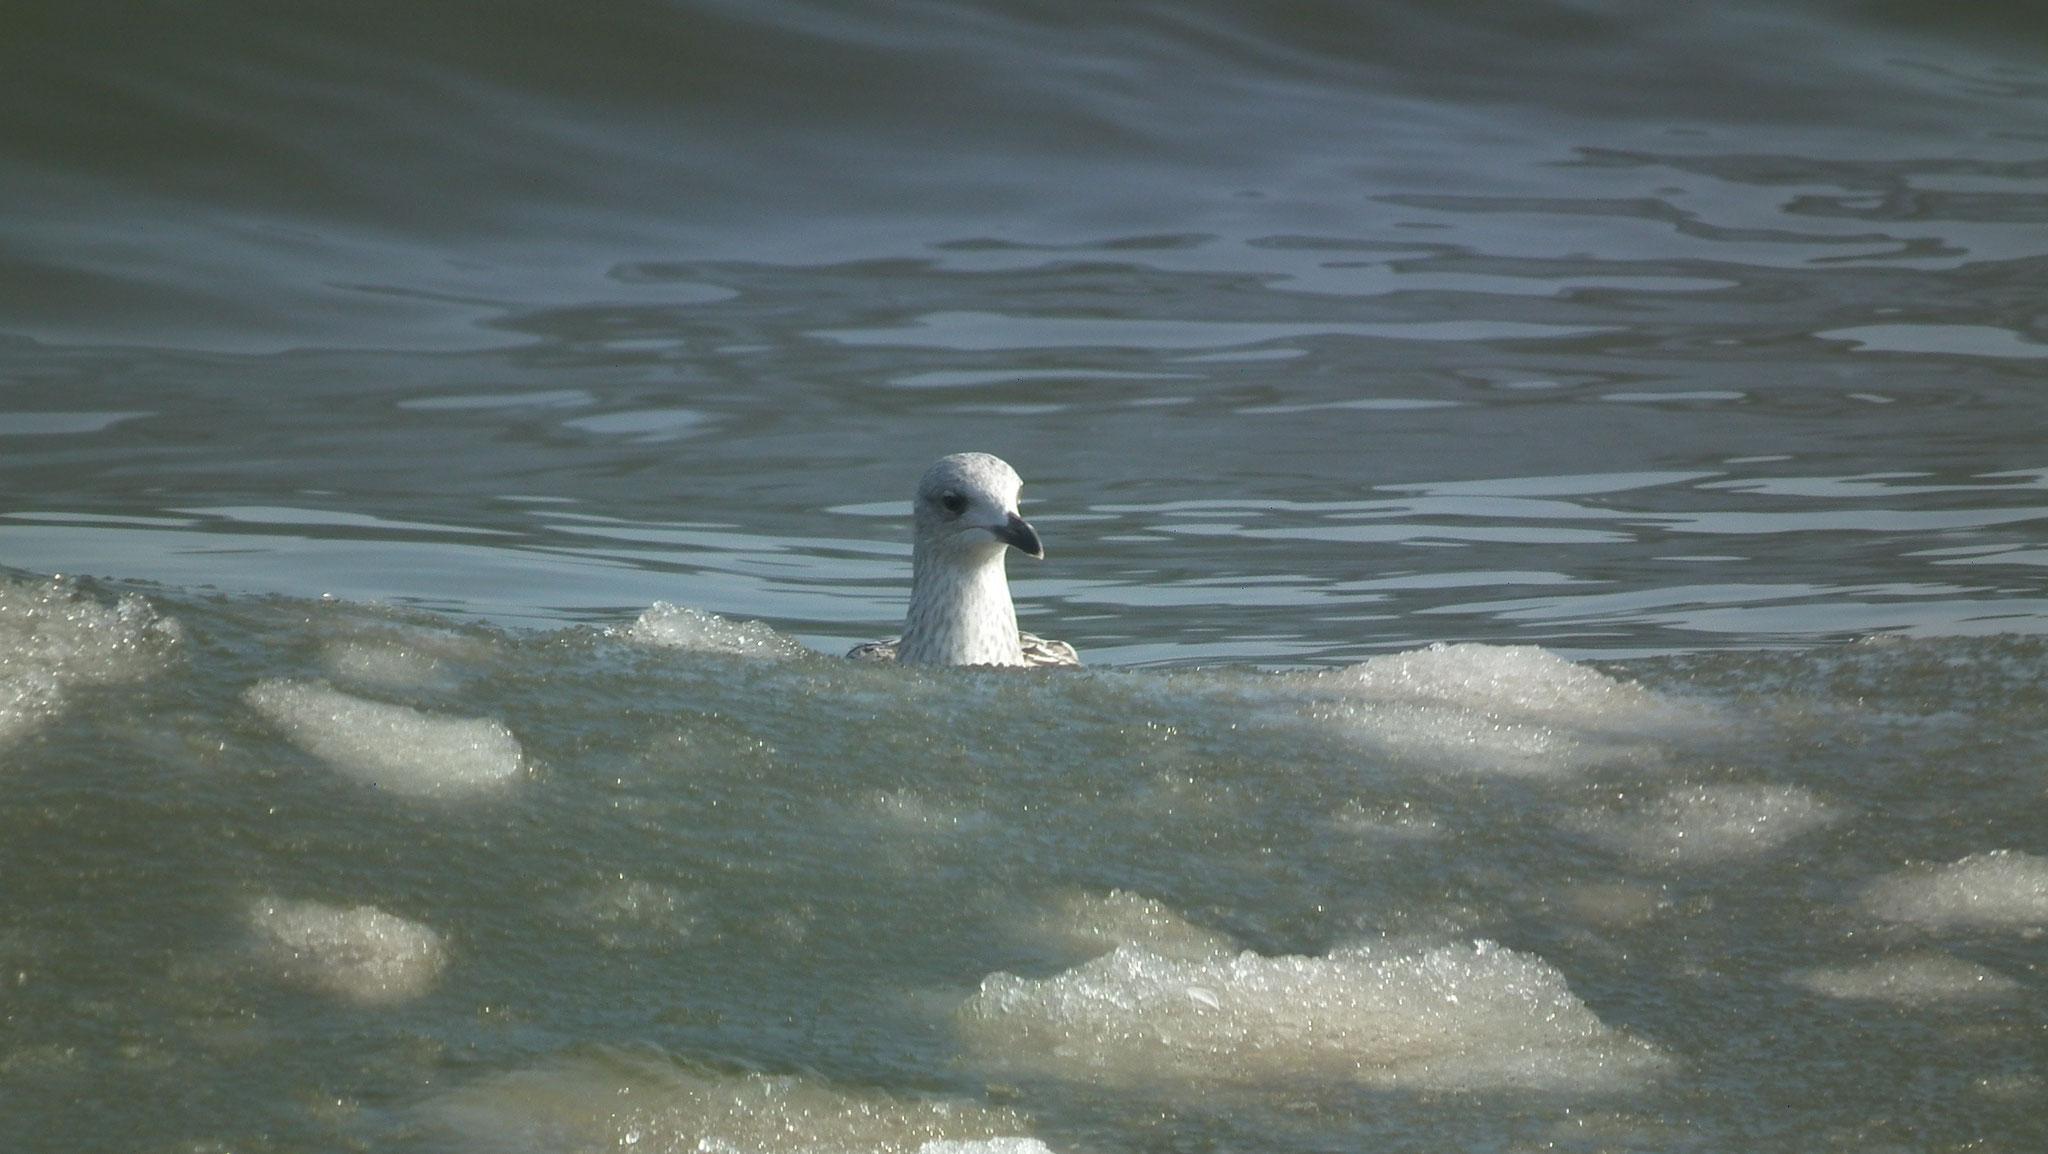 Möwen zwischen Eis am Strand